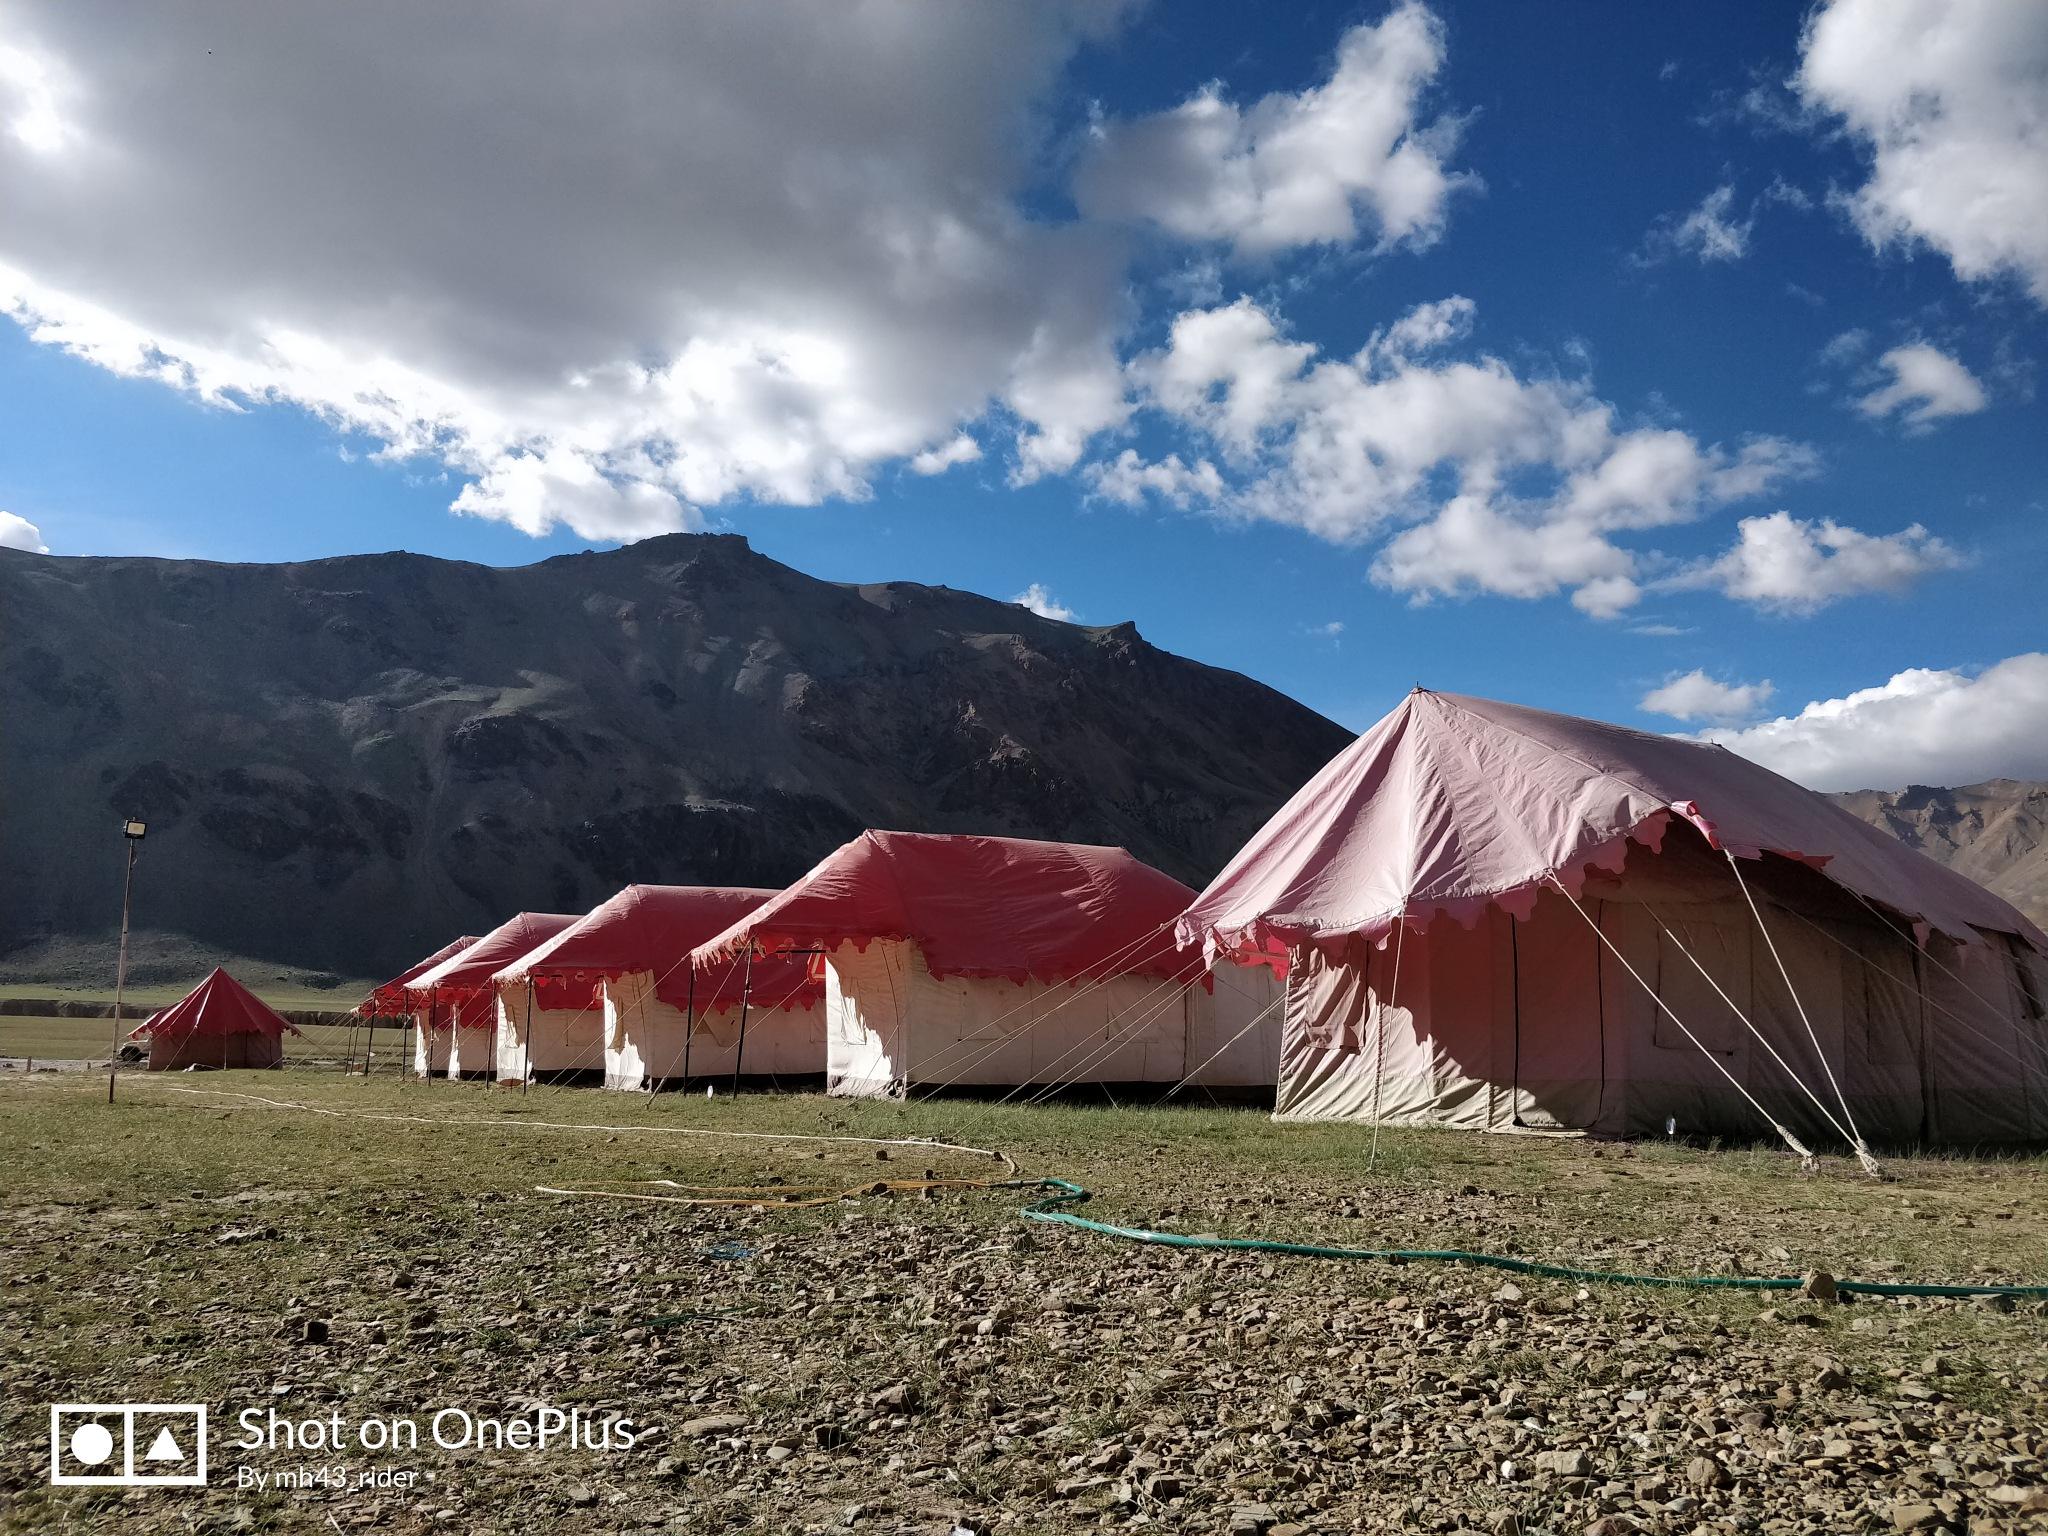 Camping at Sarchu by Akshay Shelke (Mh43Rider)